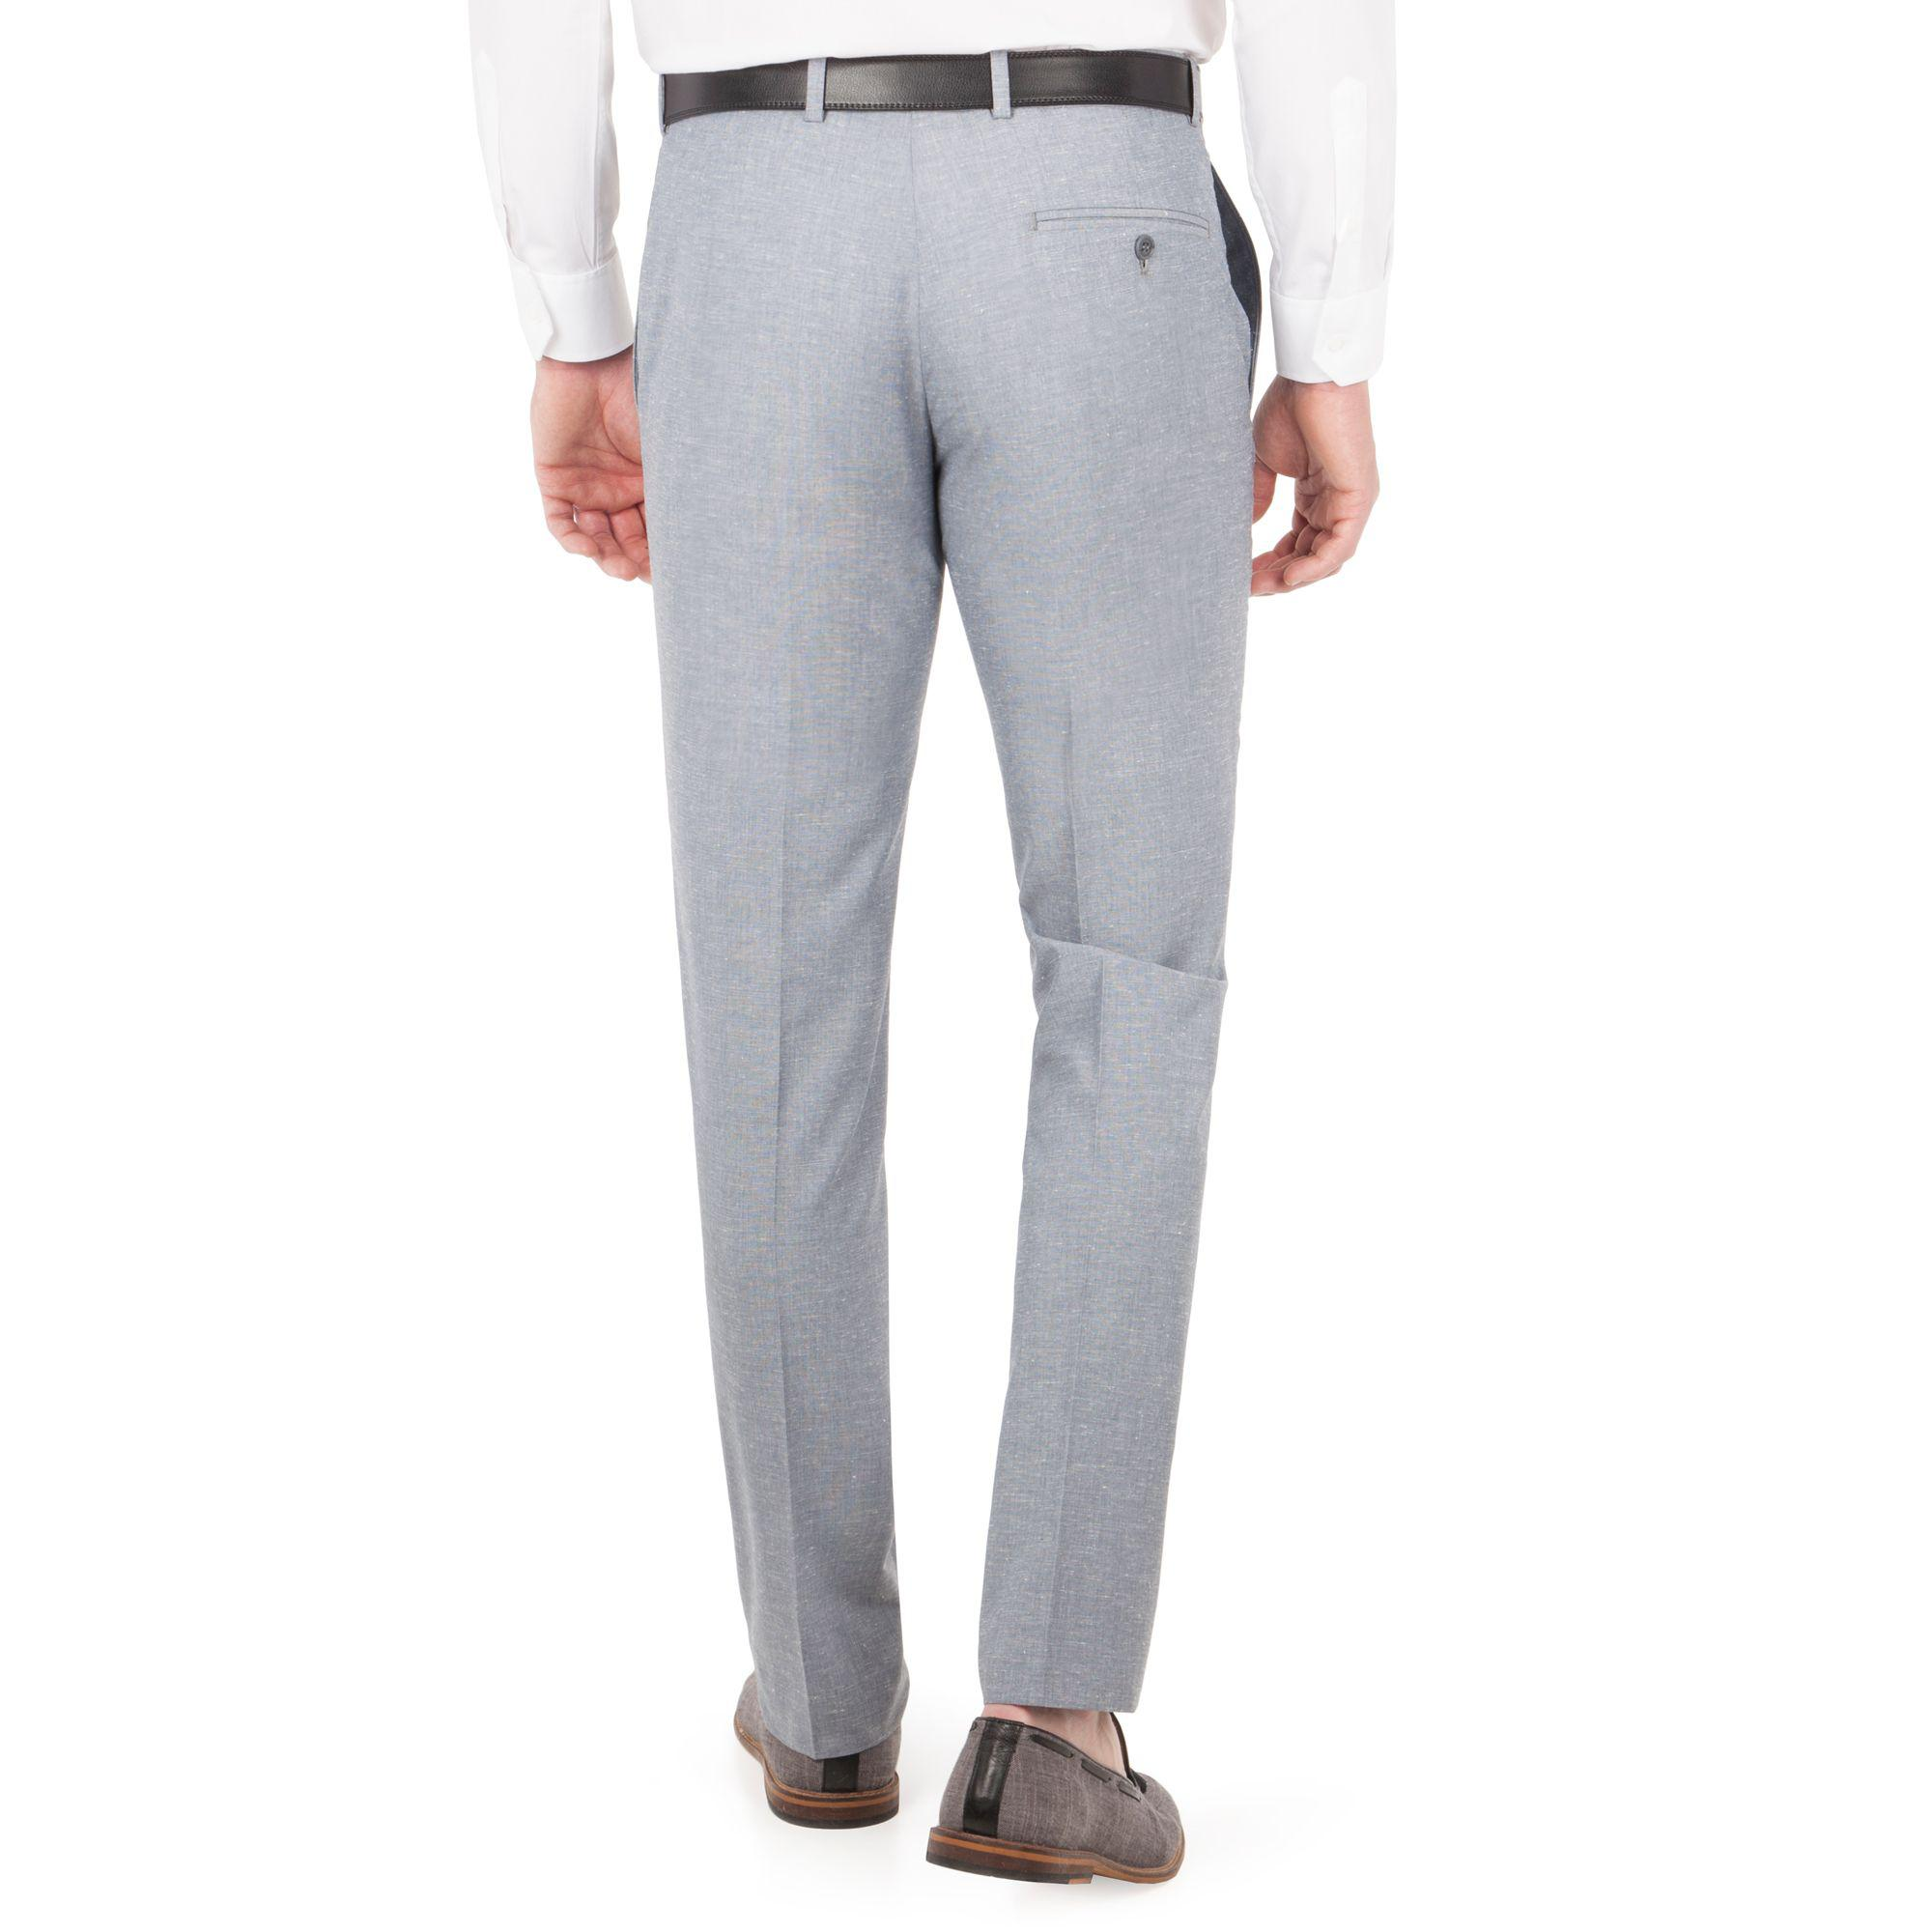 Red Herring Light Blue Linen Slim Fit Trousers for Men